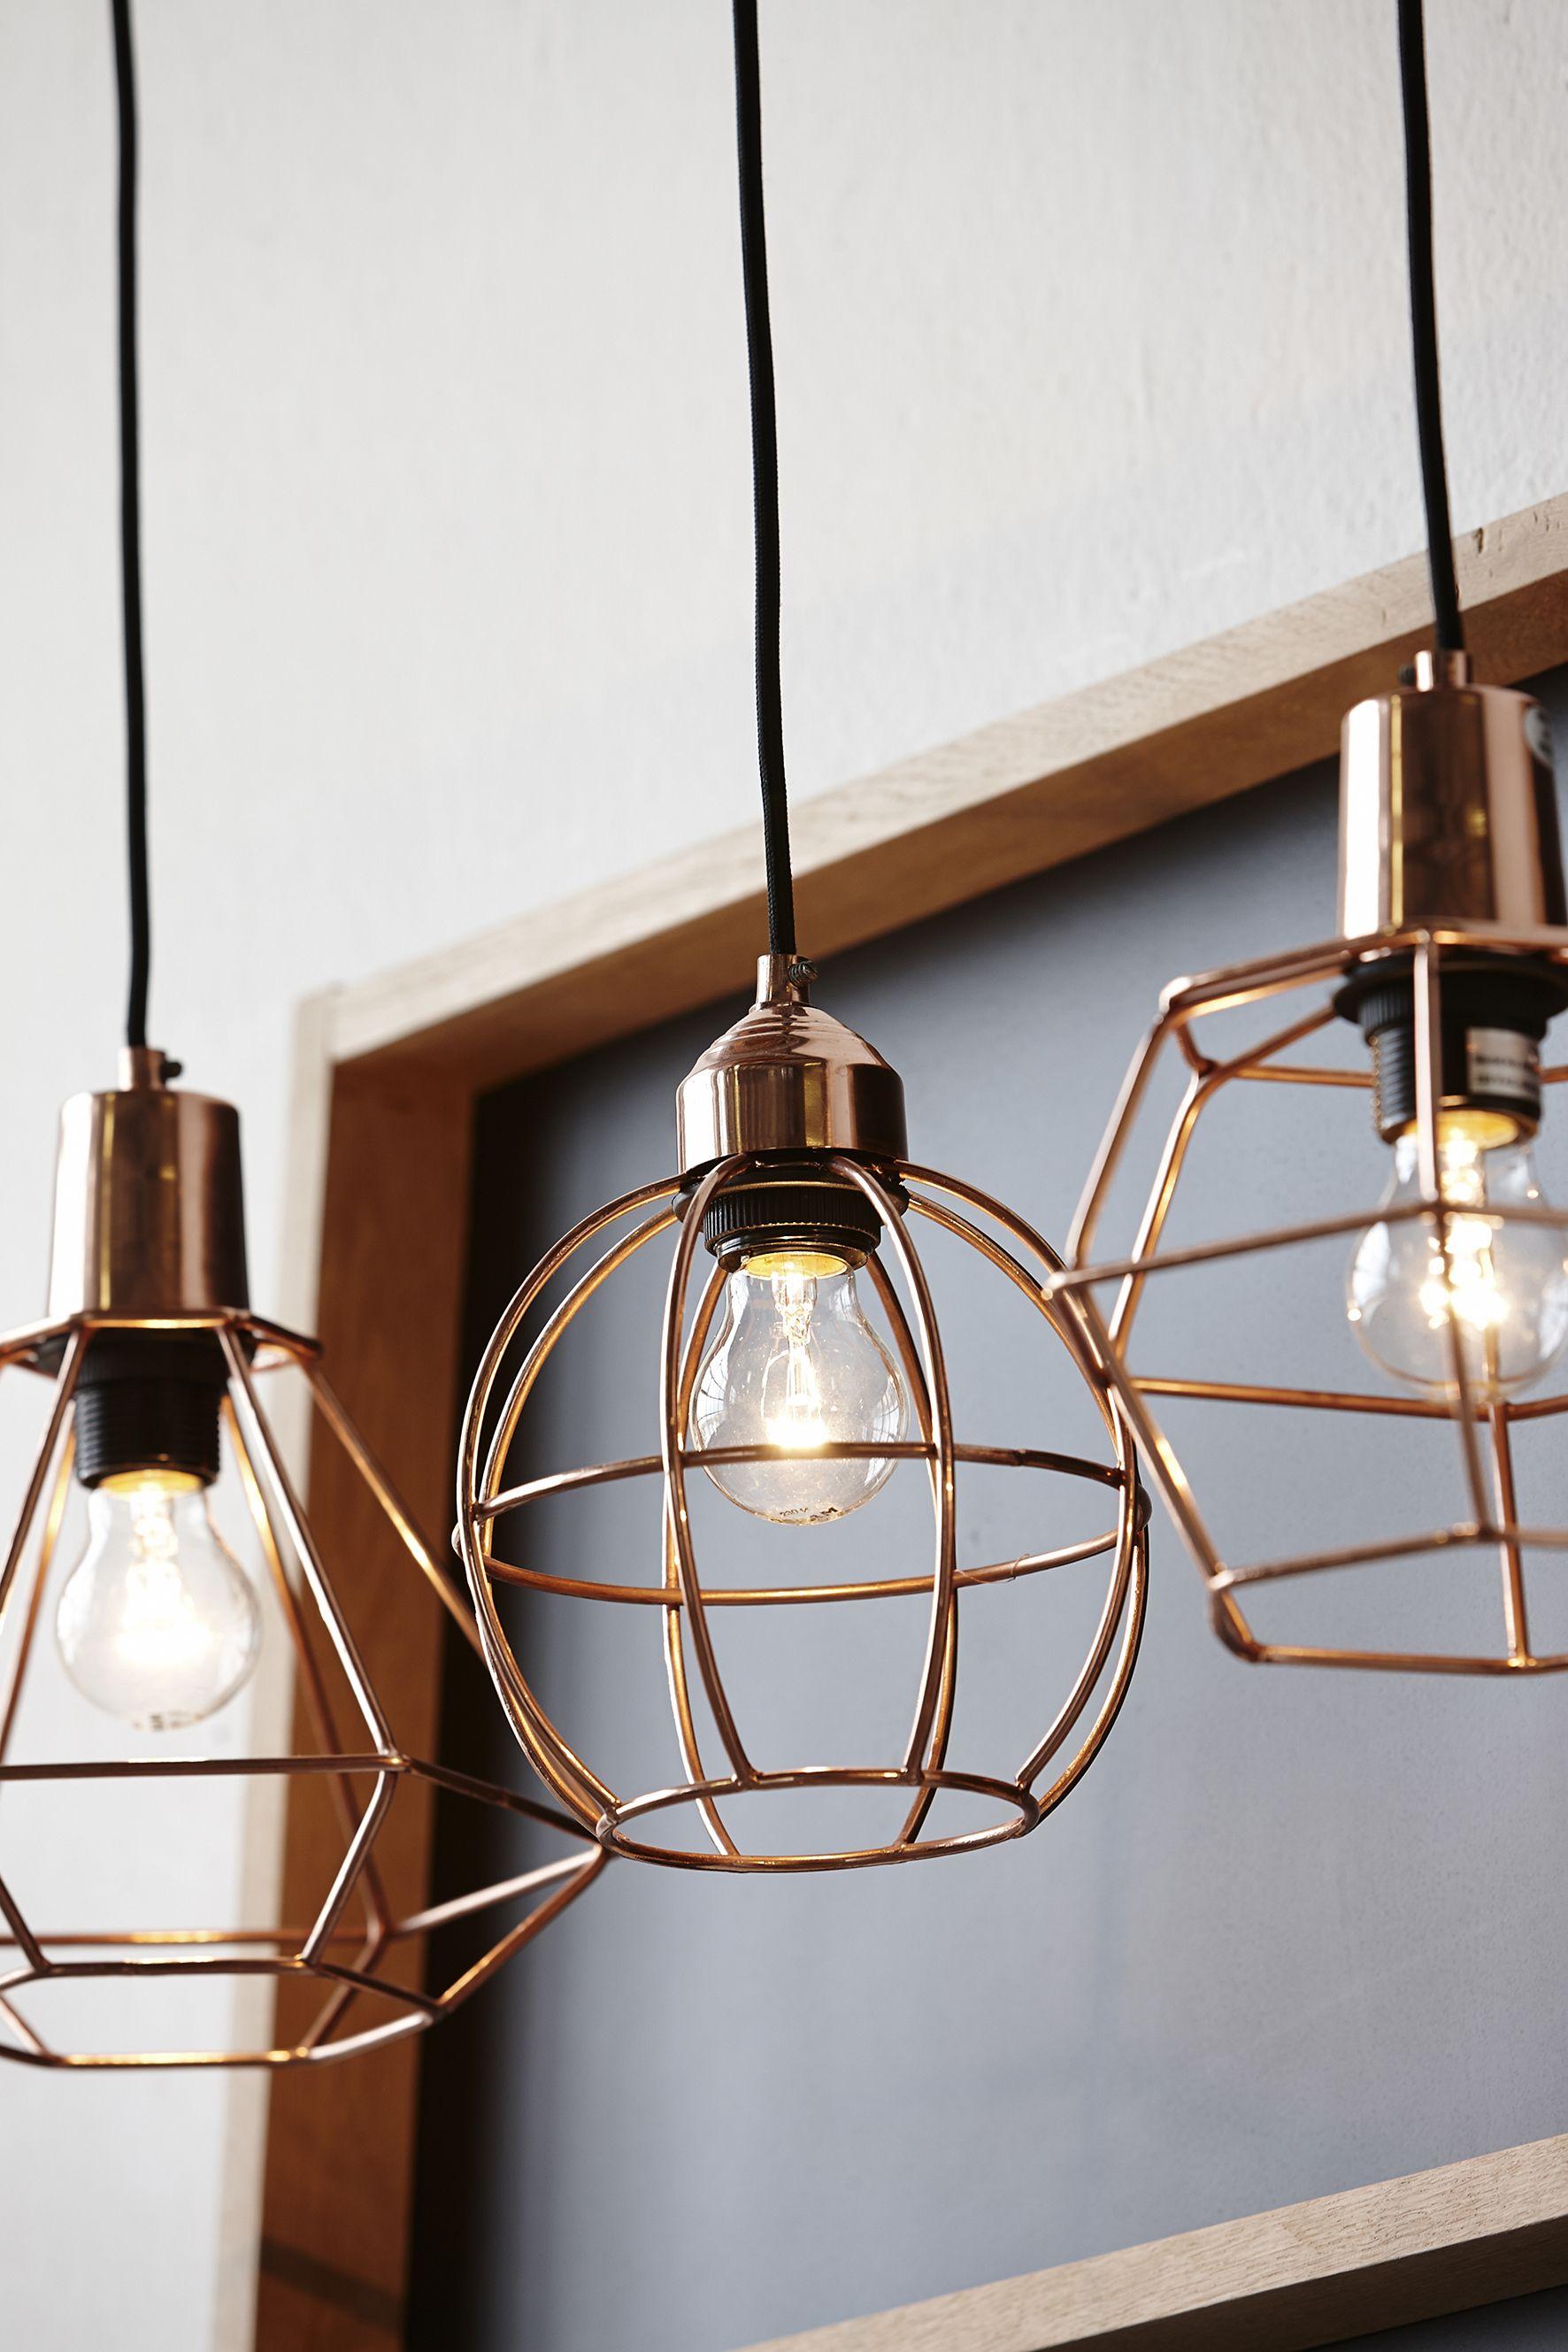 Muốn nhà đẹp lung linh thì bạn chỉ cần mua ngay món đồ trang trí vừa đẹp vừa hữu dụng này - Ảnh 3.